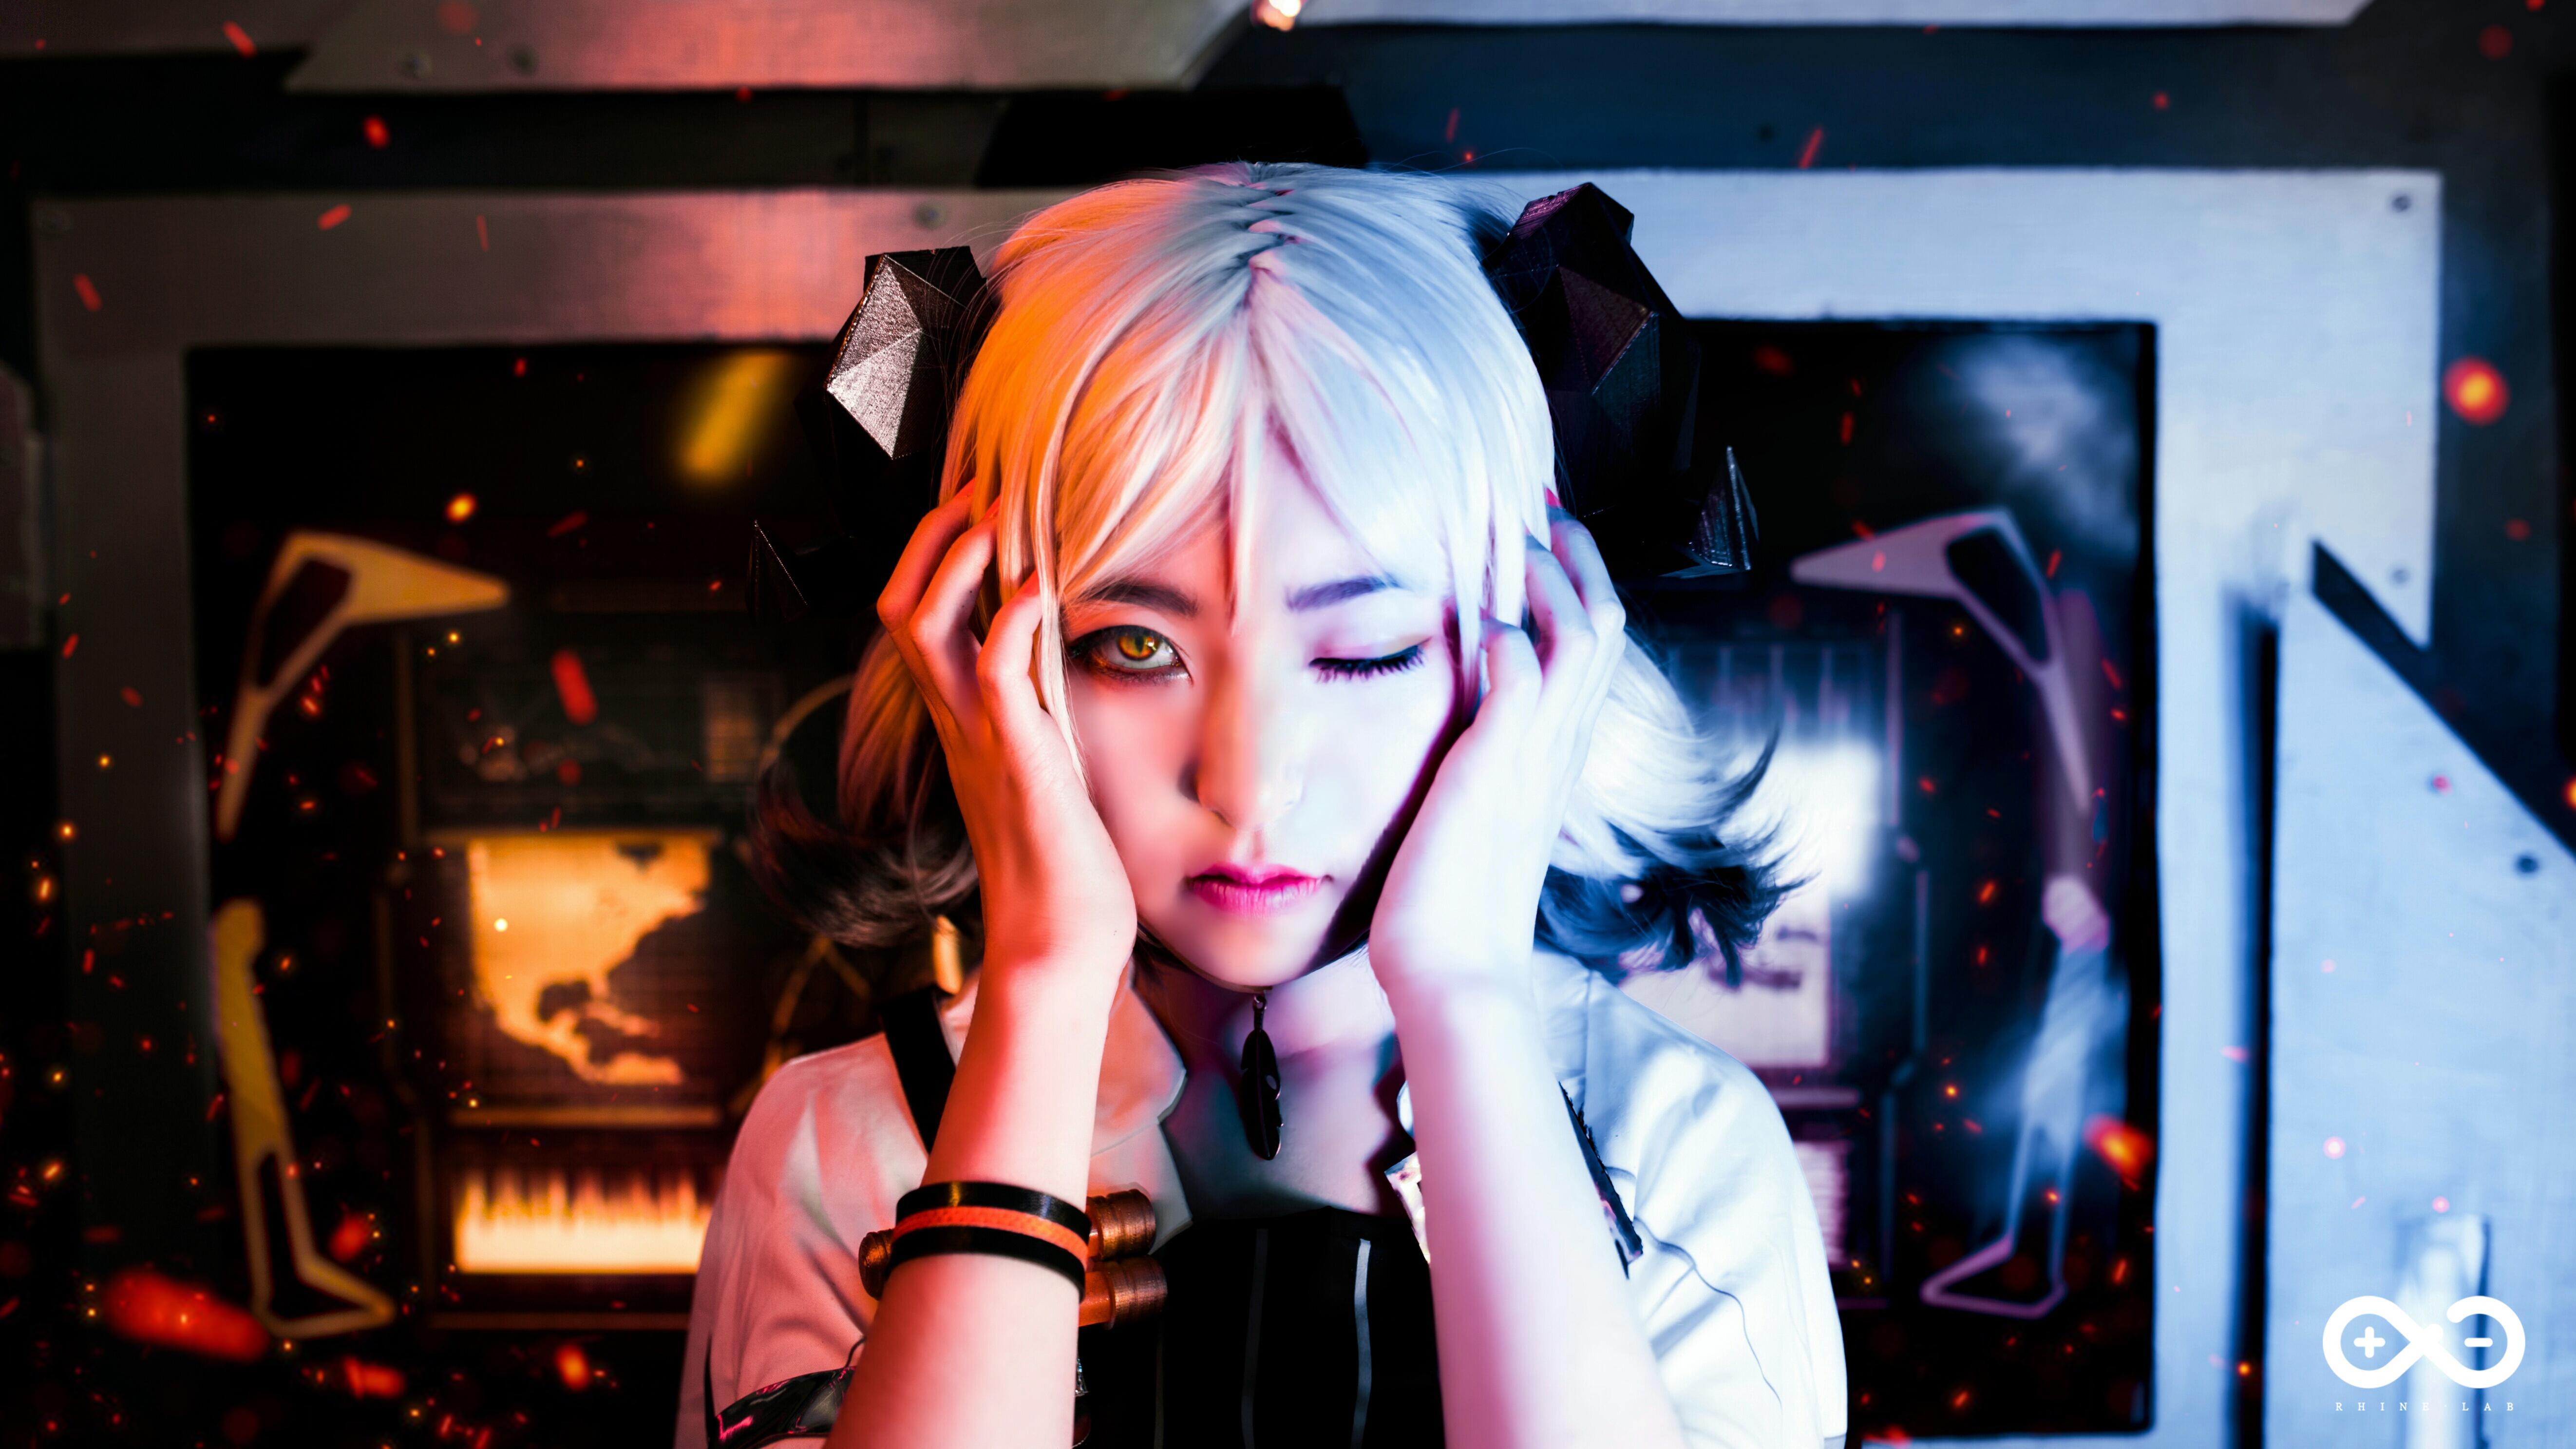 《明日方舟》伊芙利特cosplay【CN:YINGO殷果】-第5张